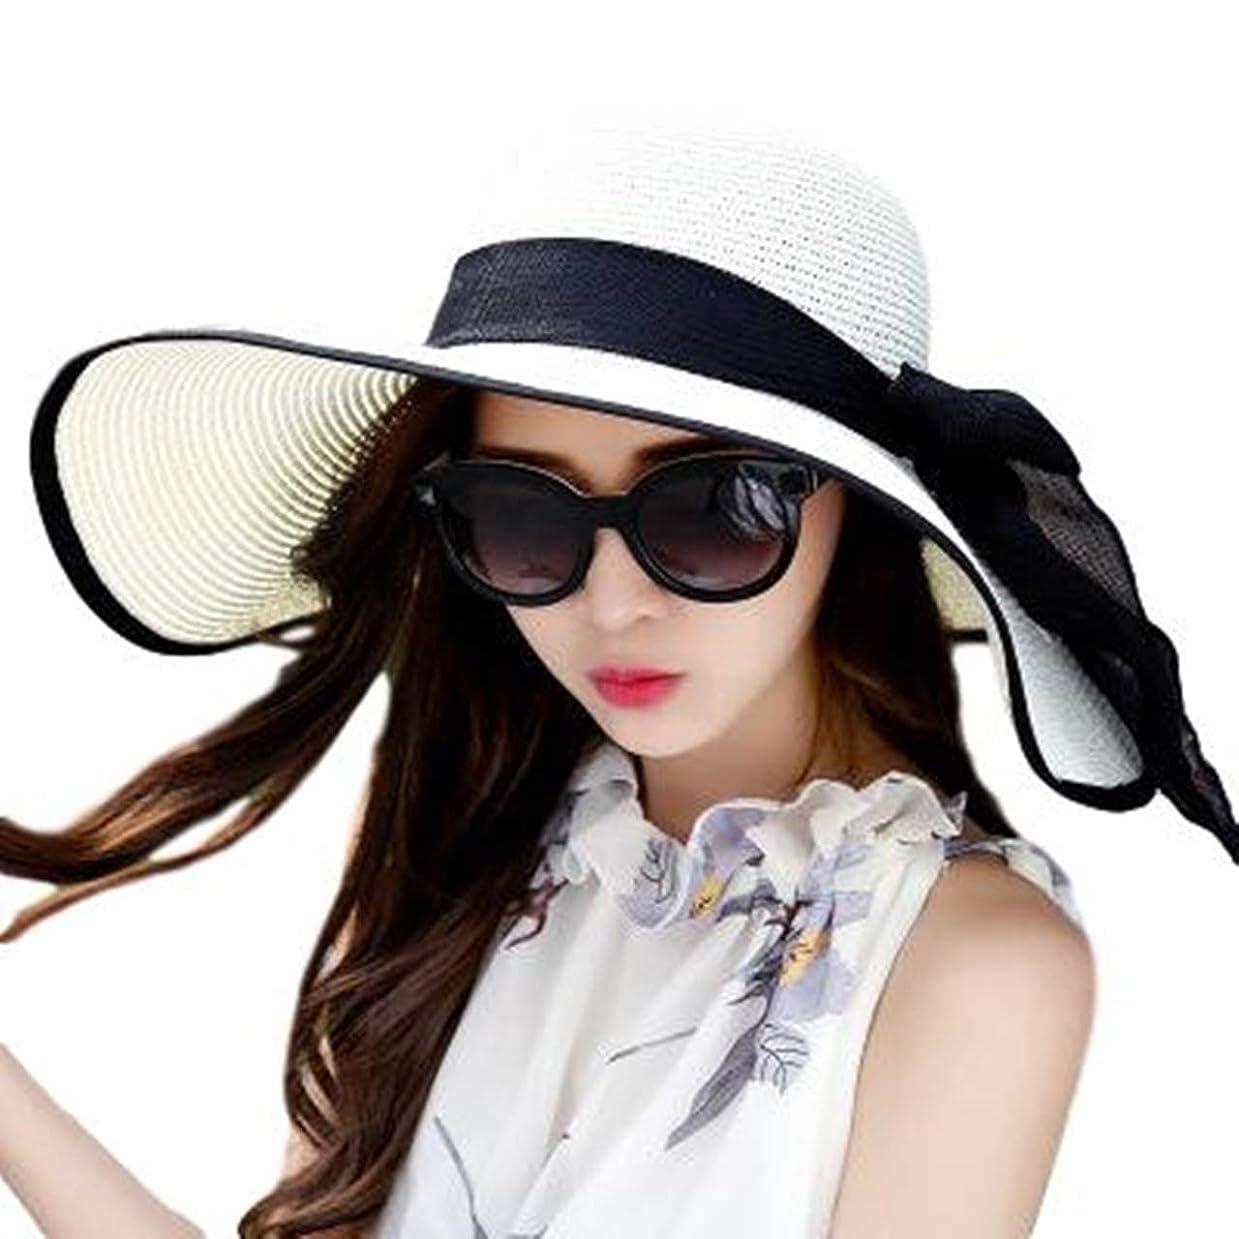 インカ帝国量ママ[クルーズライン] 折りたたみ 黒 リボン つば広 麦わら帽子 レディース 帽子 ストローハット 夏用 紫外線対策 アウトドア C30